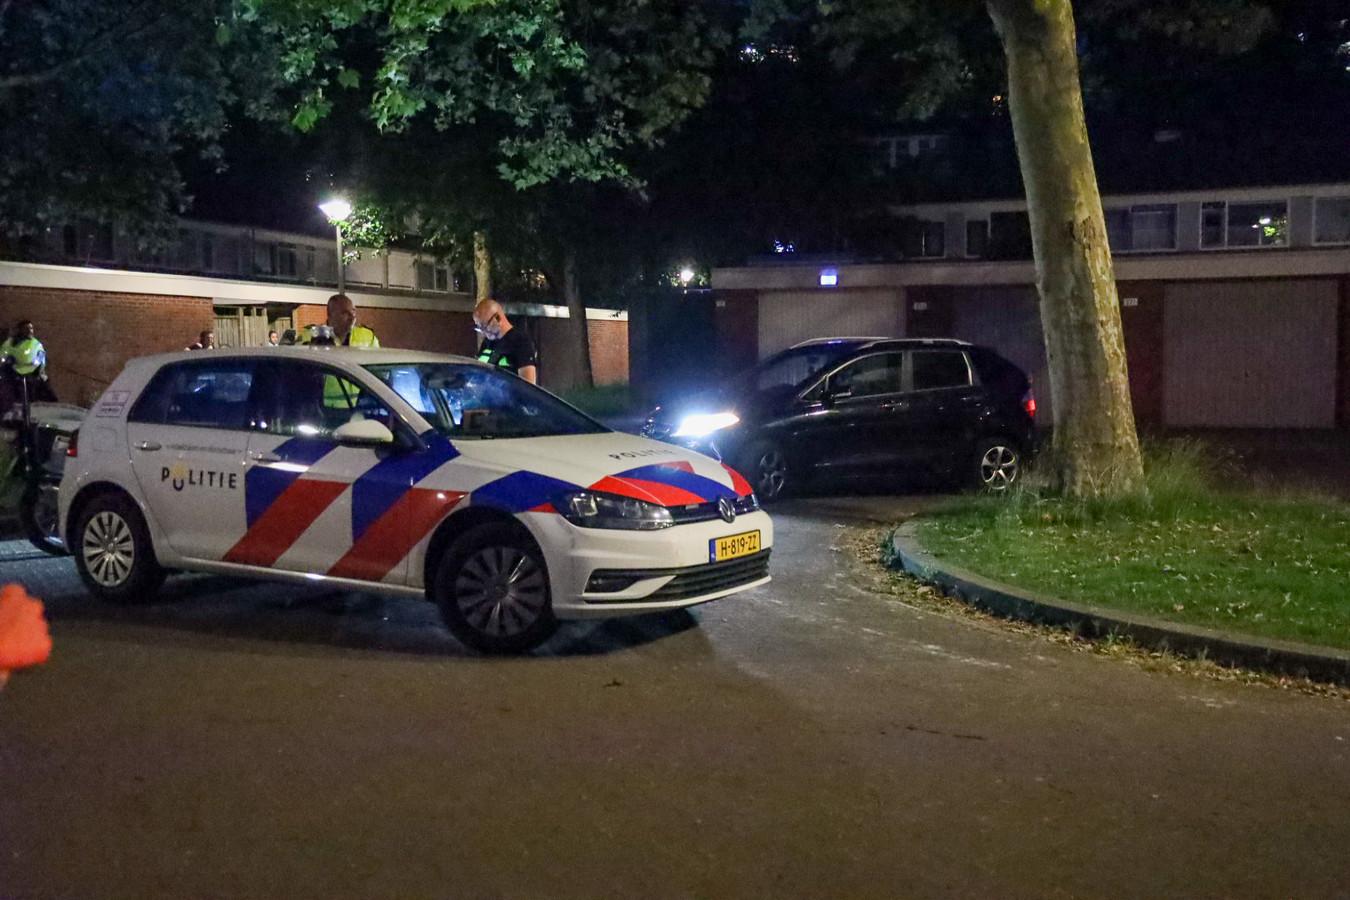 De politie heeft maandagavond voor de tweede keer in actie moeten komen vanwege een incident waarbij een vuurwapen in het spel was. Na een eerdere 'ruzie met vuurwapen' in het Sonsbeekpark, ging het nu om een schot in de lucht vanuit een rijdende auto in Arnhem-Zuid.